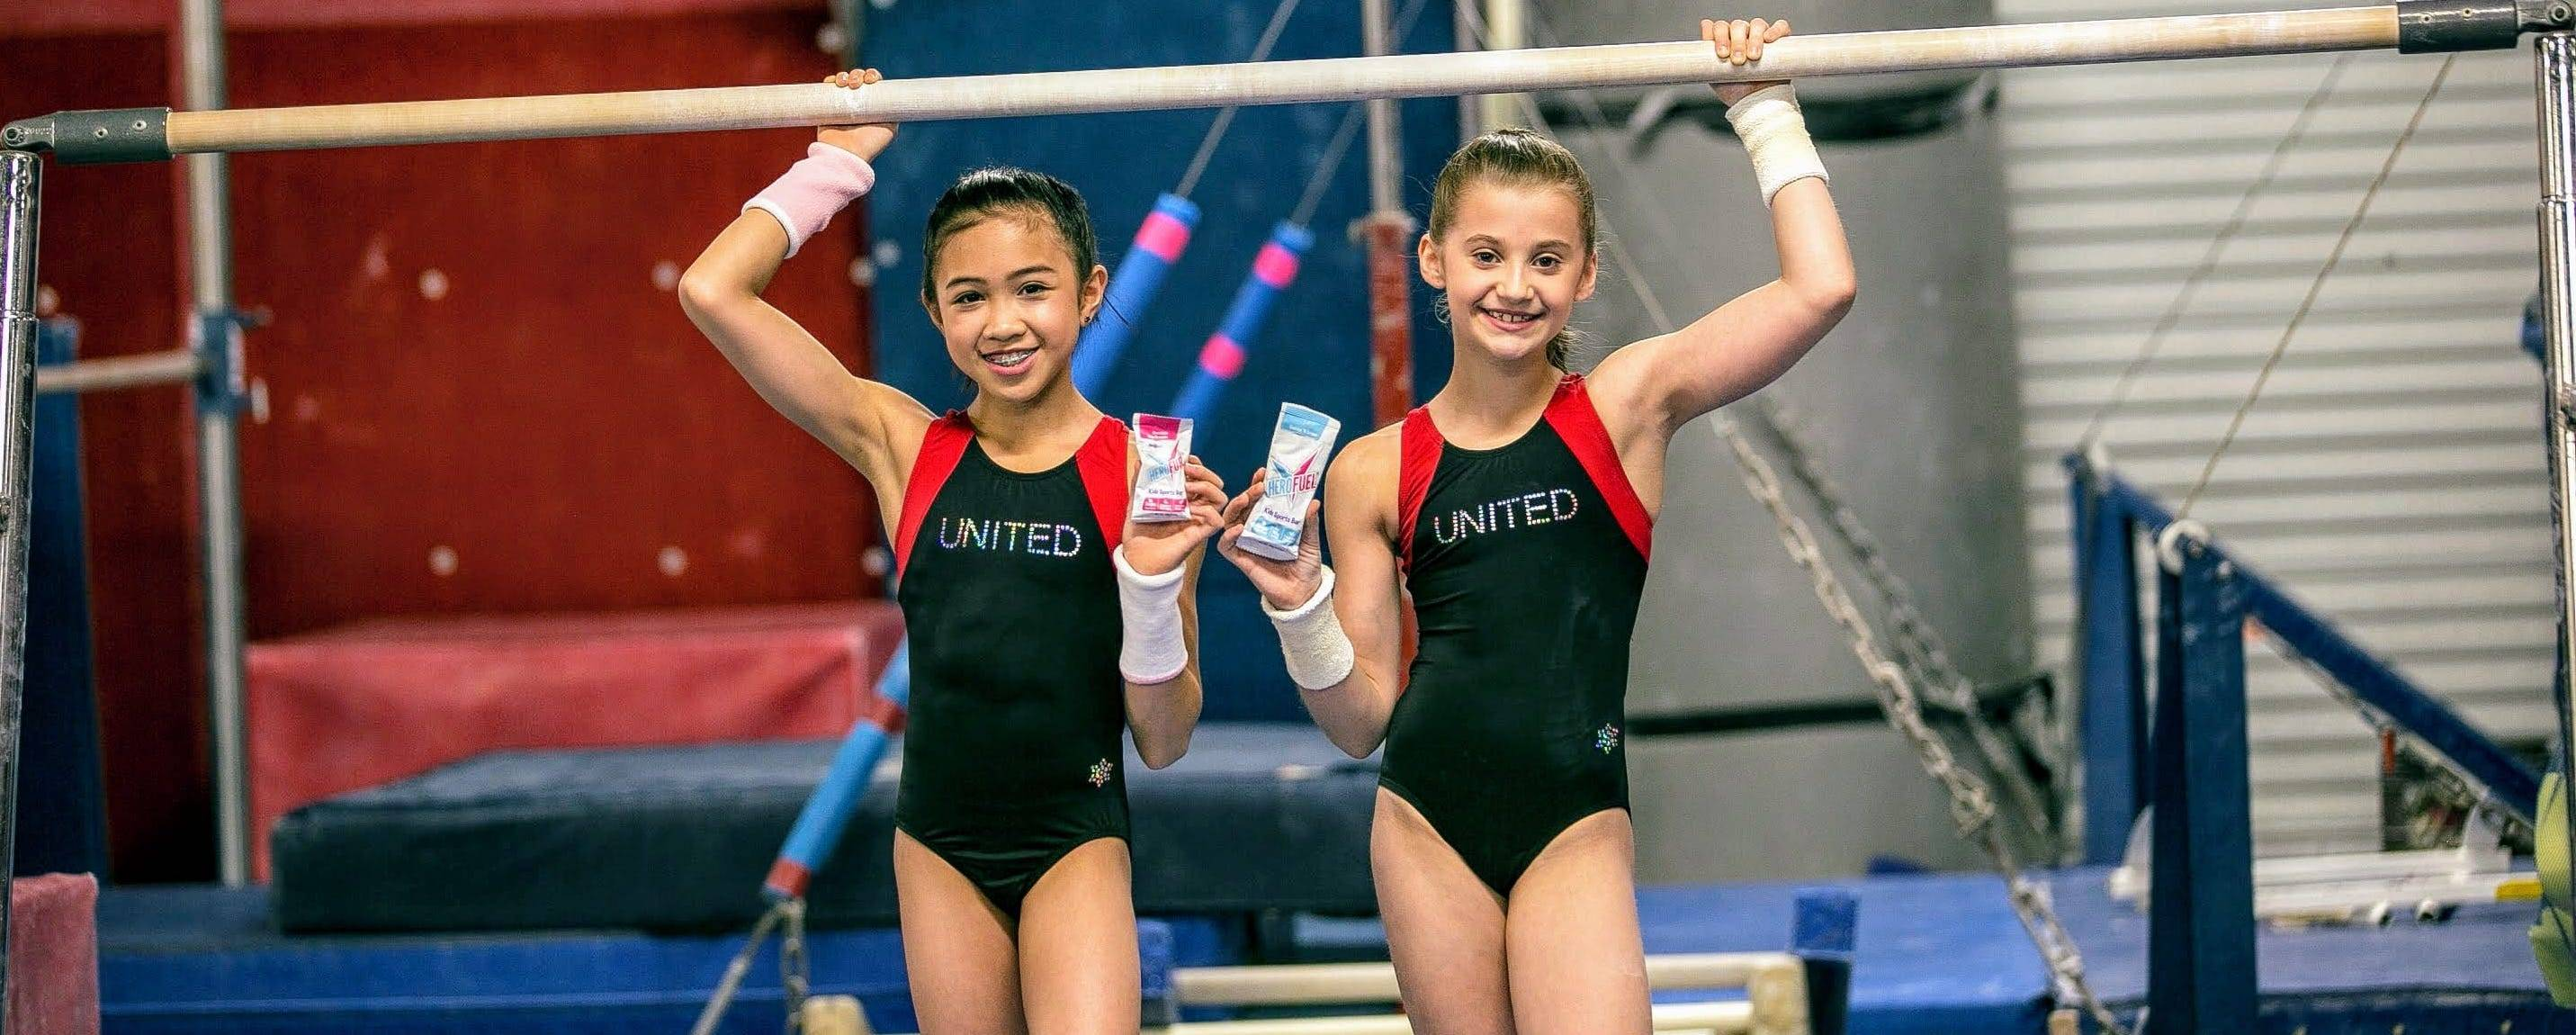 HEROFUEL Gymnasts